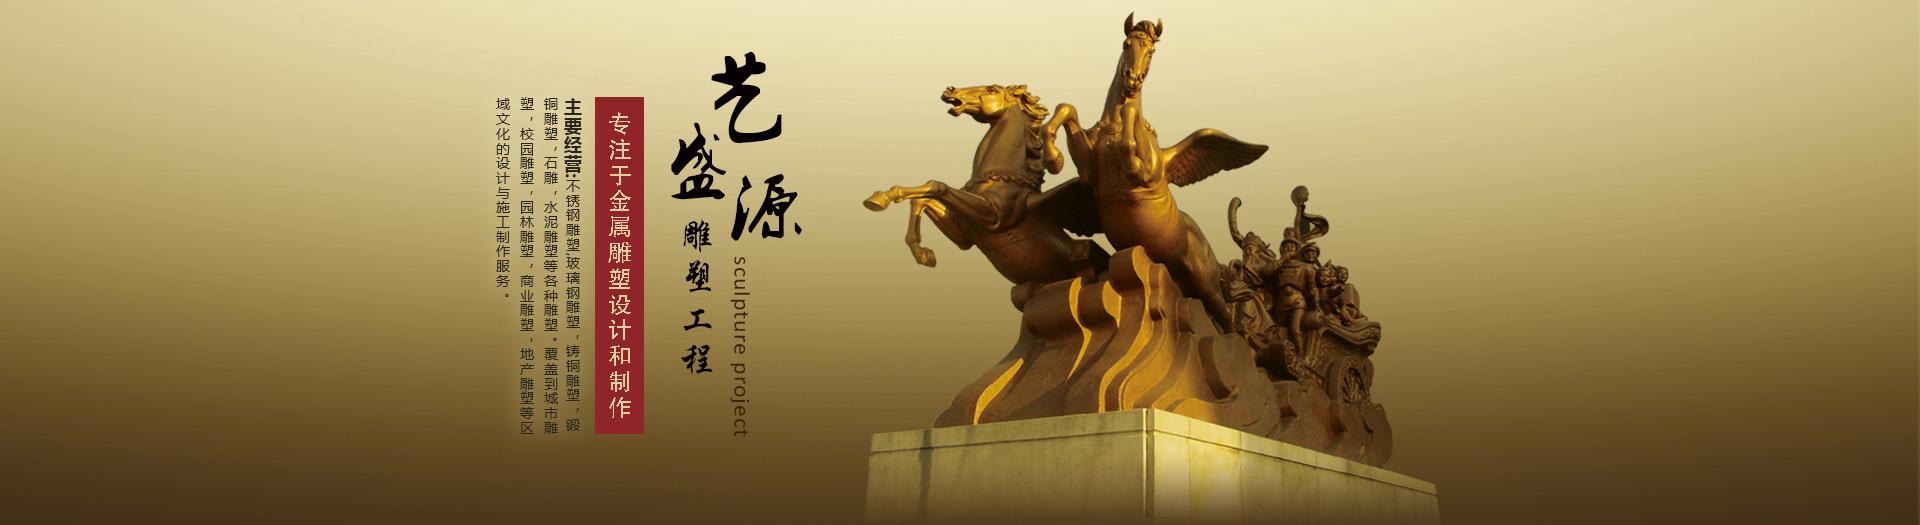 武汉景区雕塑